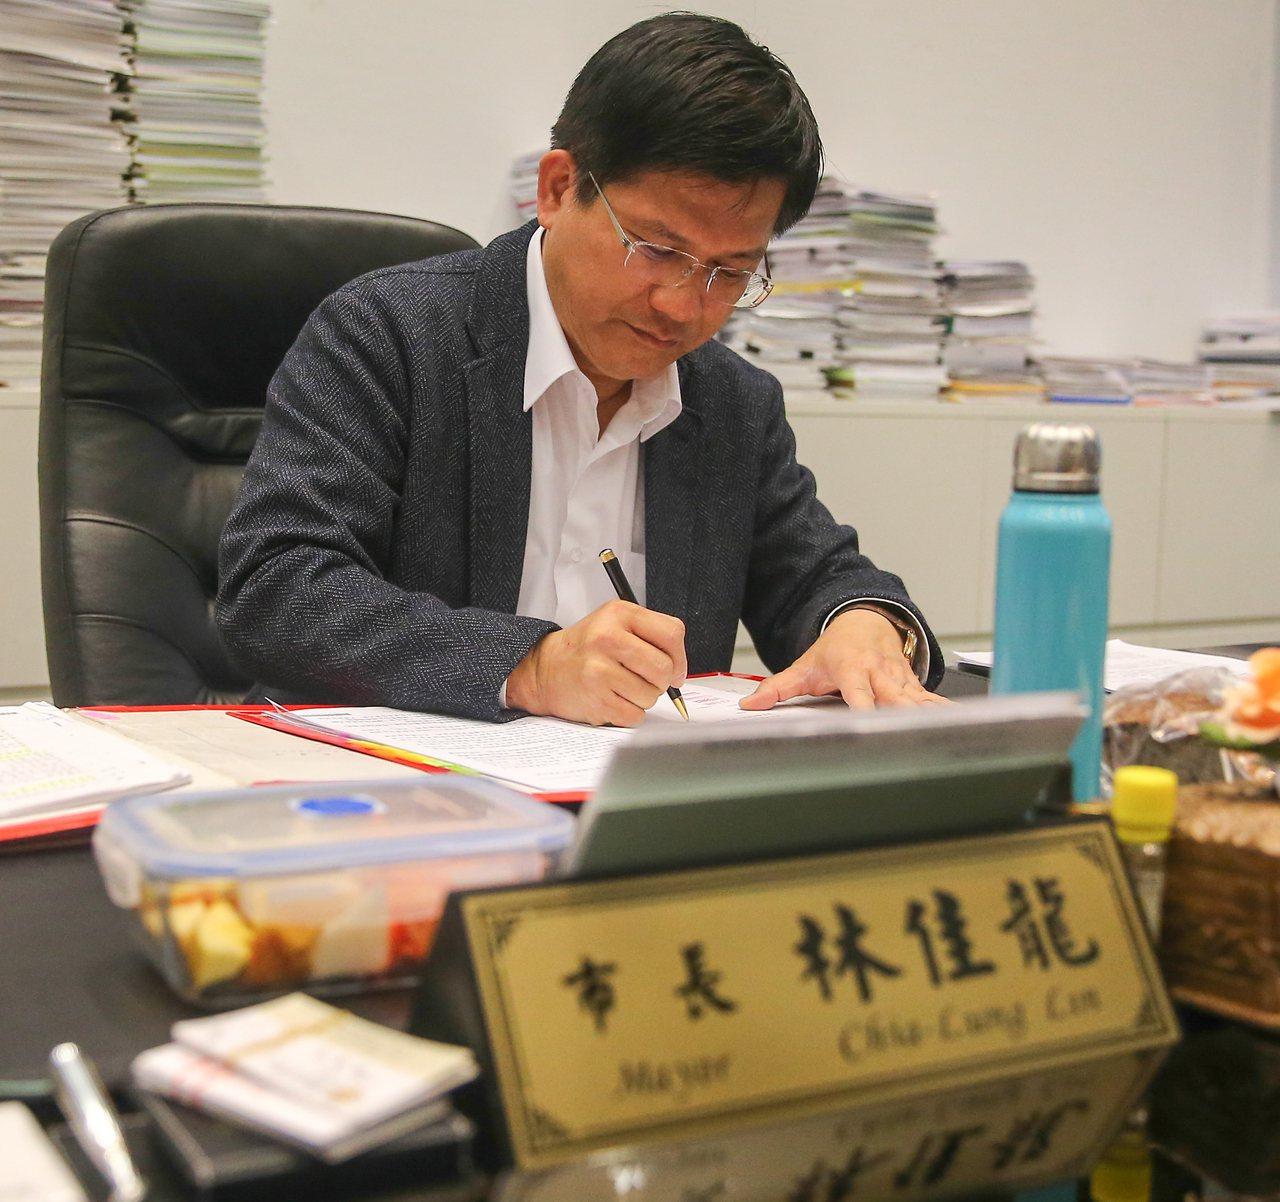 台中市長林佳龍每日早晨都會聽古典音樂,邊聽邊工作。記者黃仲裕/攝影